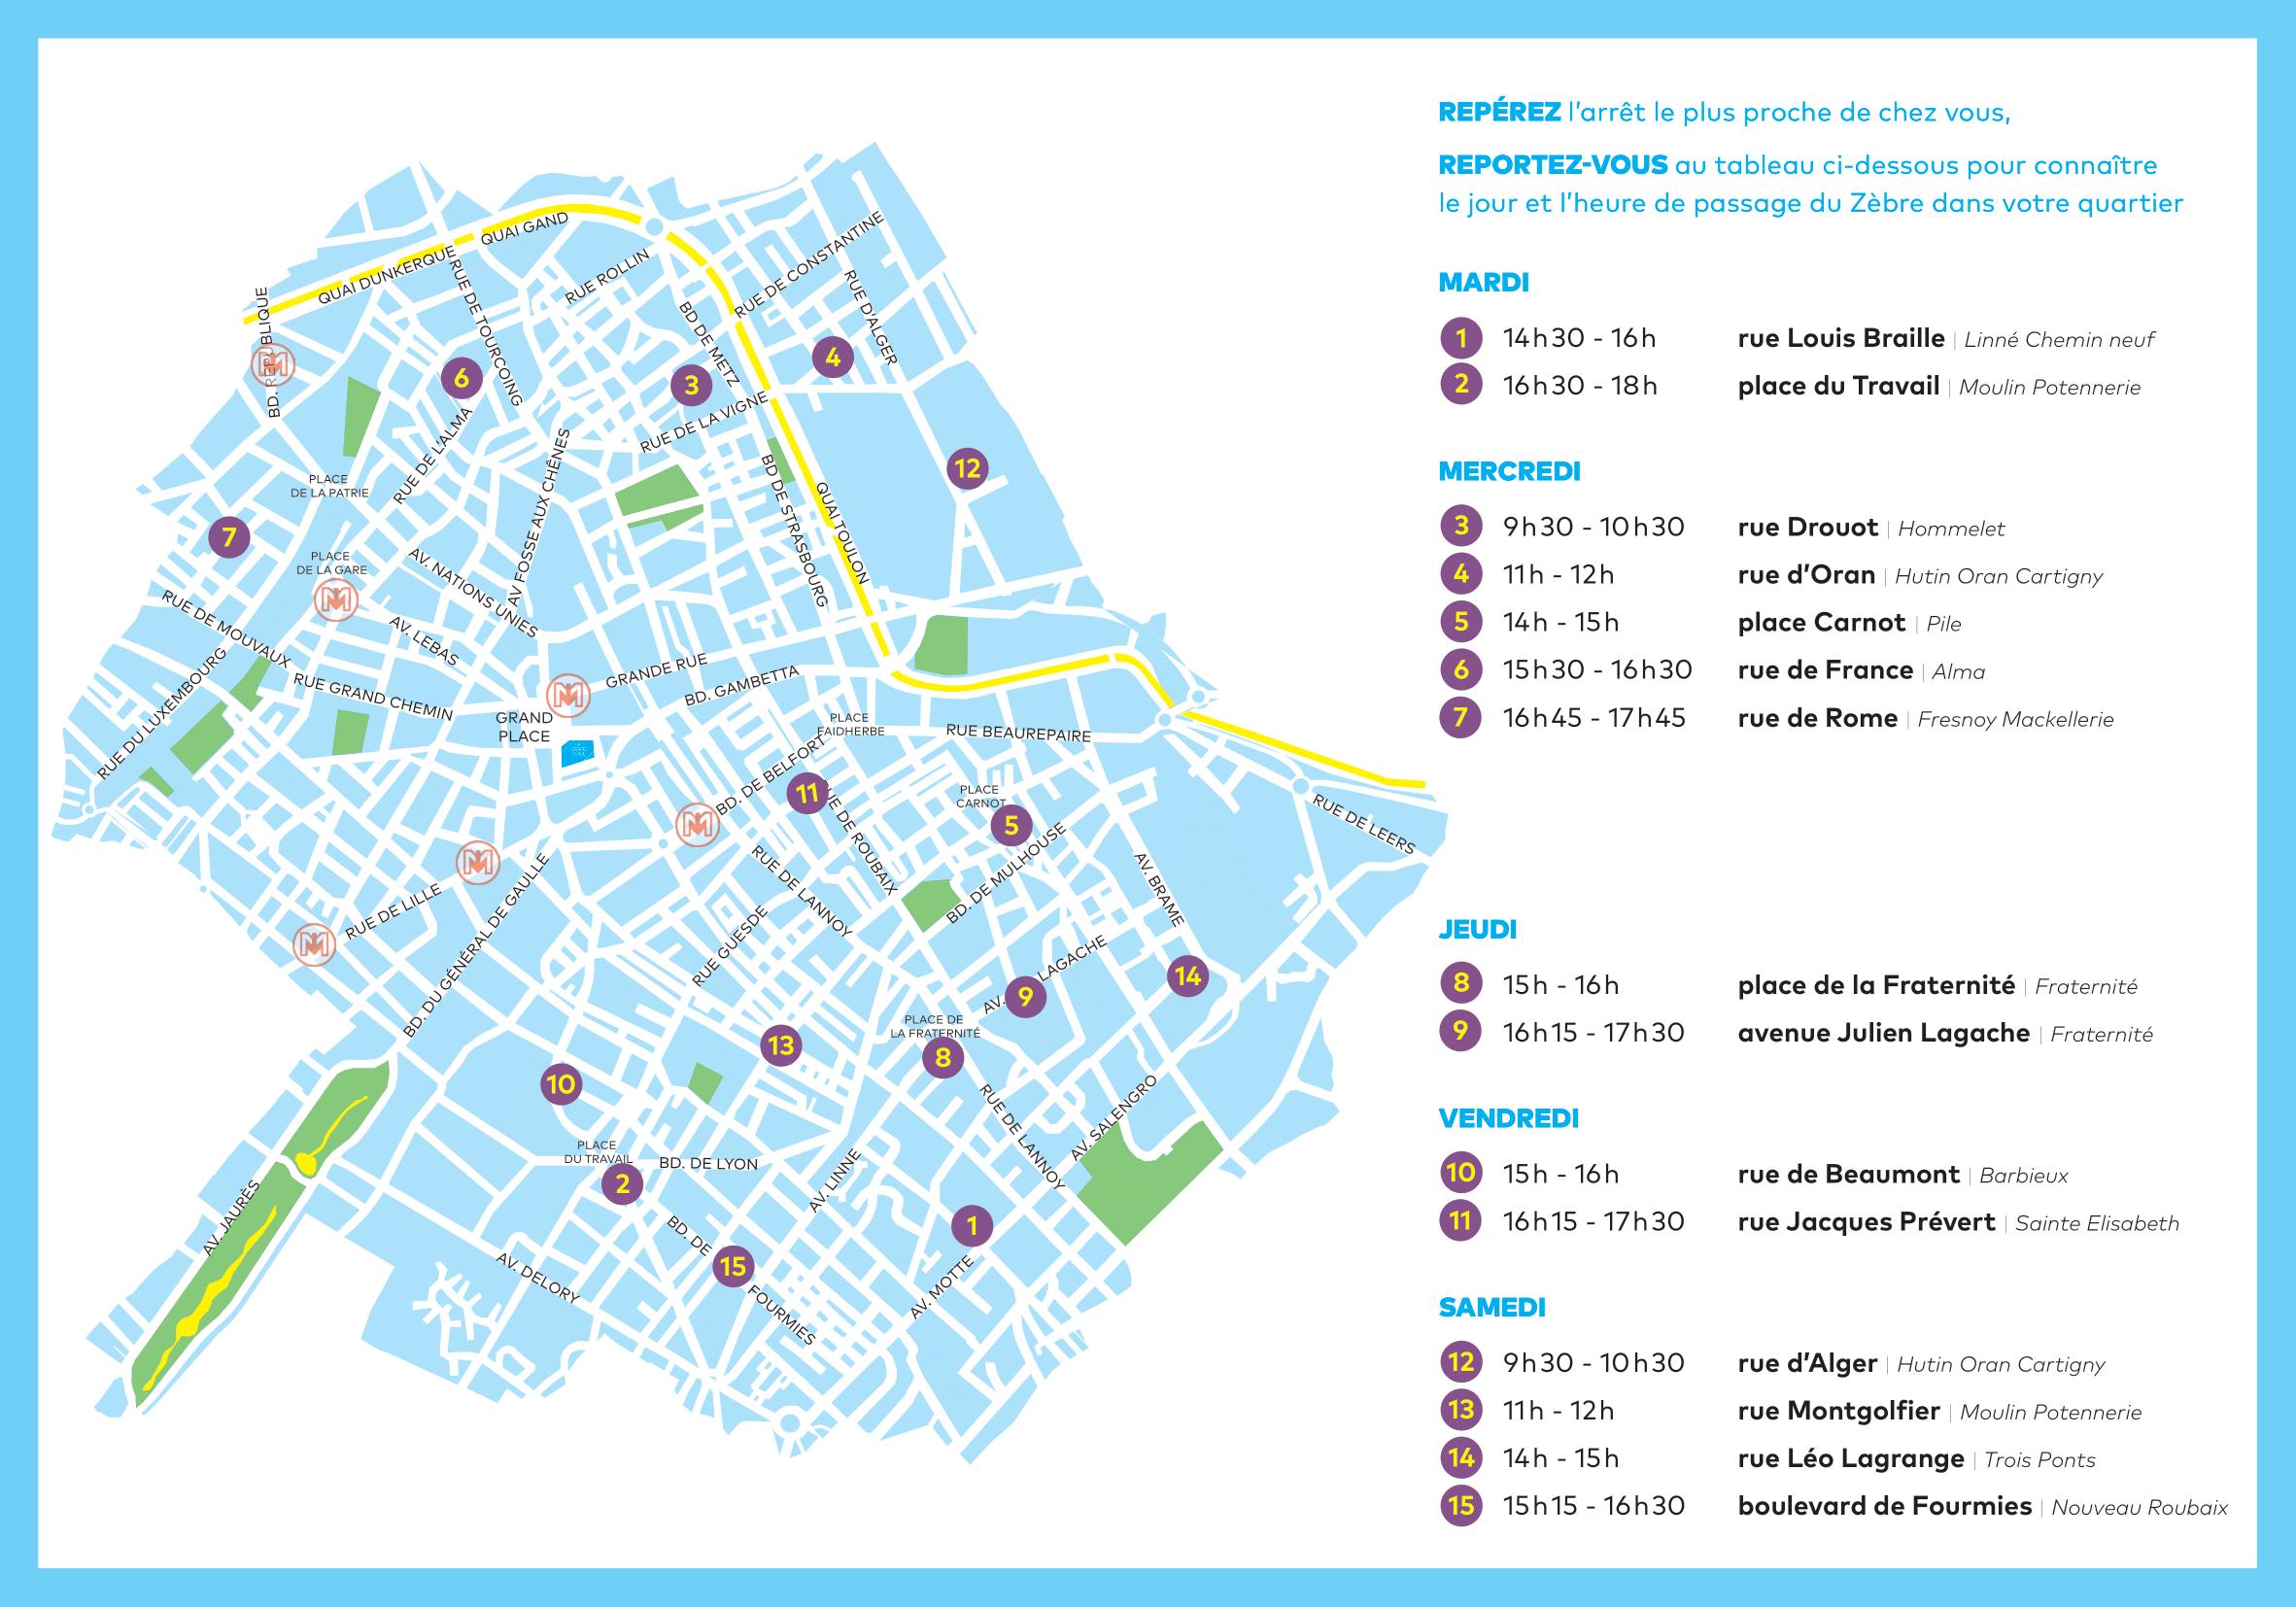 Carte des emplacements du bibliobus Roubaix